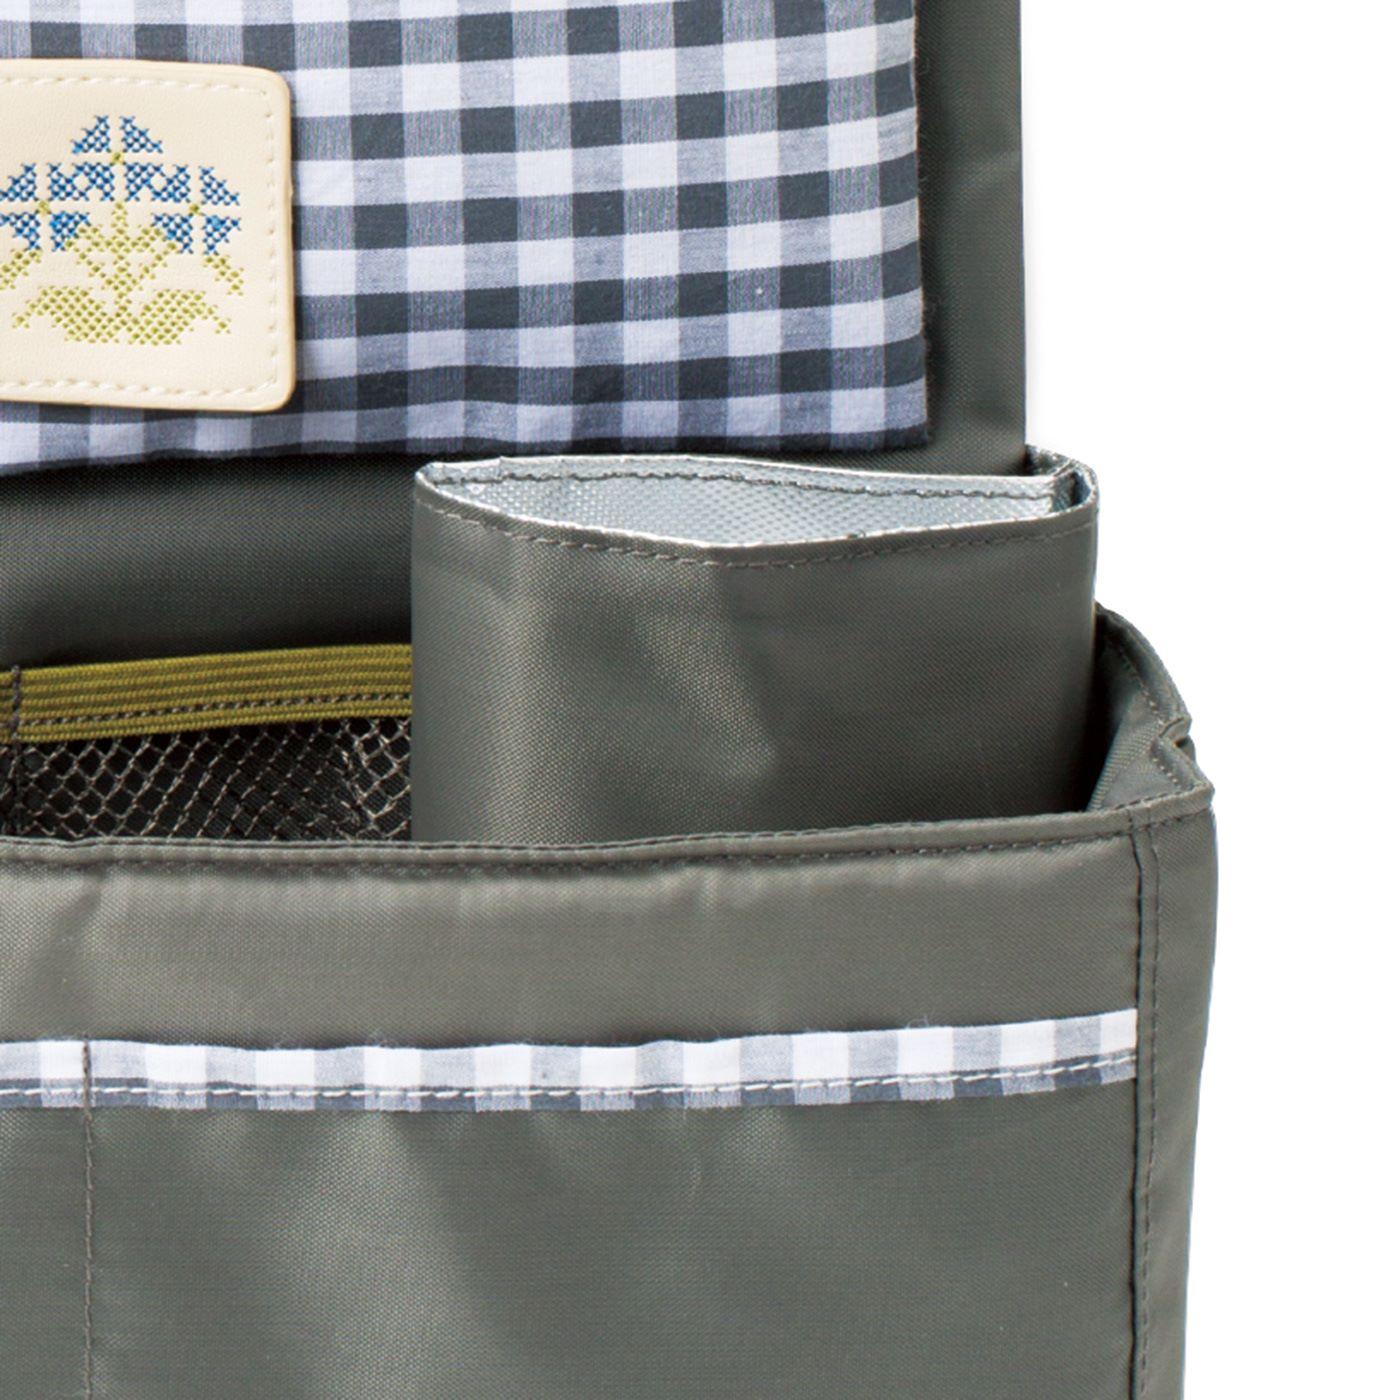 折りたたみ傘やペットボトルにぴったりのポケットは、内側にアルミ蒸着シート付き。